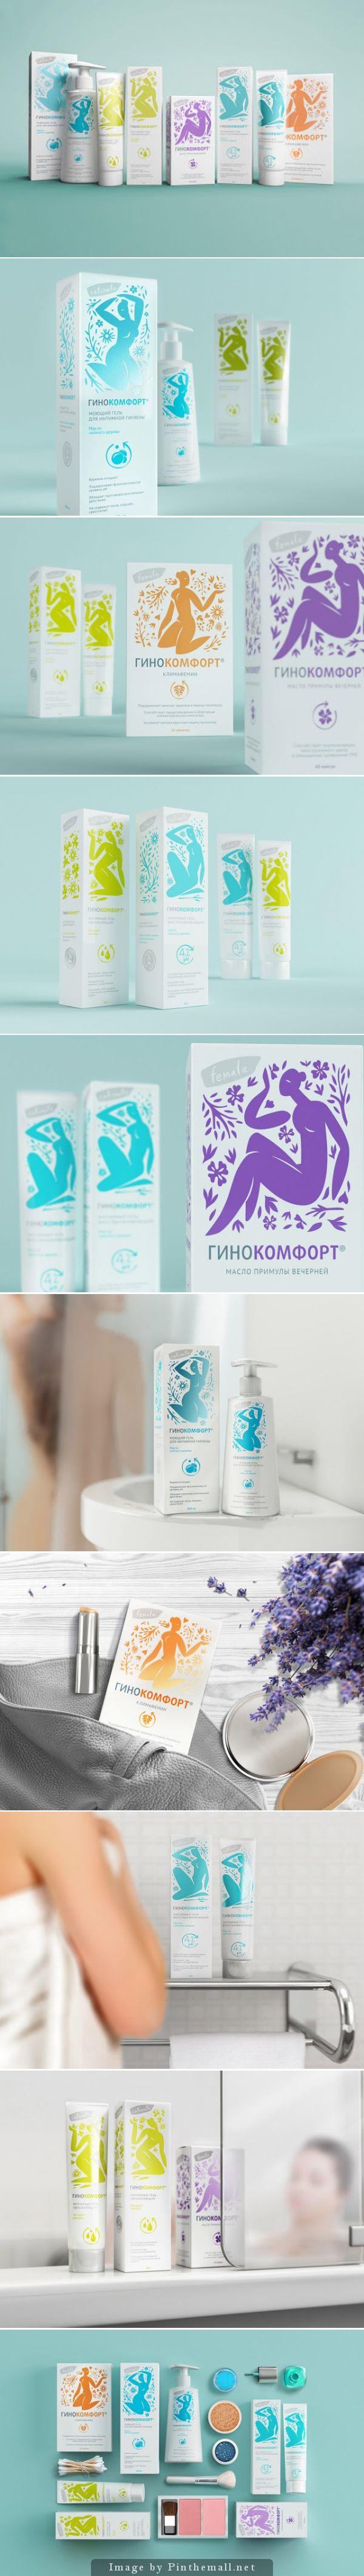 Ginocomfort #packaging by OTVETDESIGN - http://www.packagingoftheworld.com/2014/11/ginocomfort.html